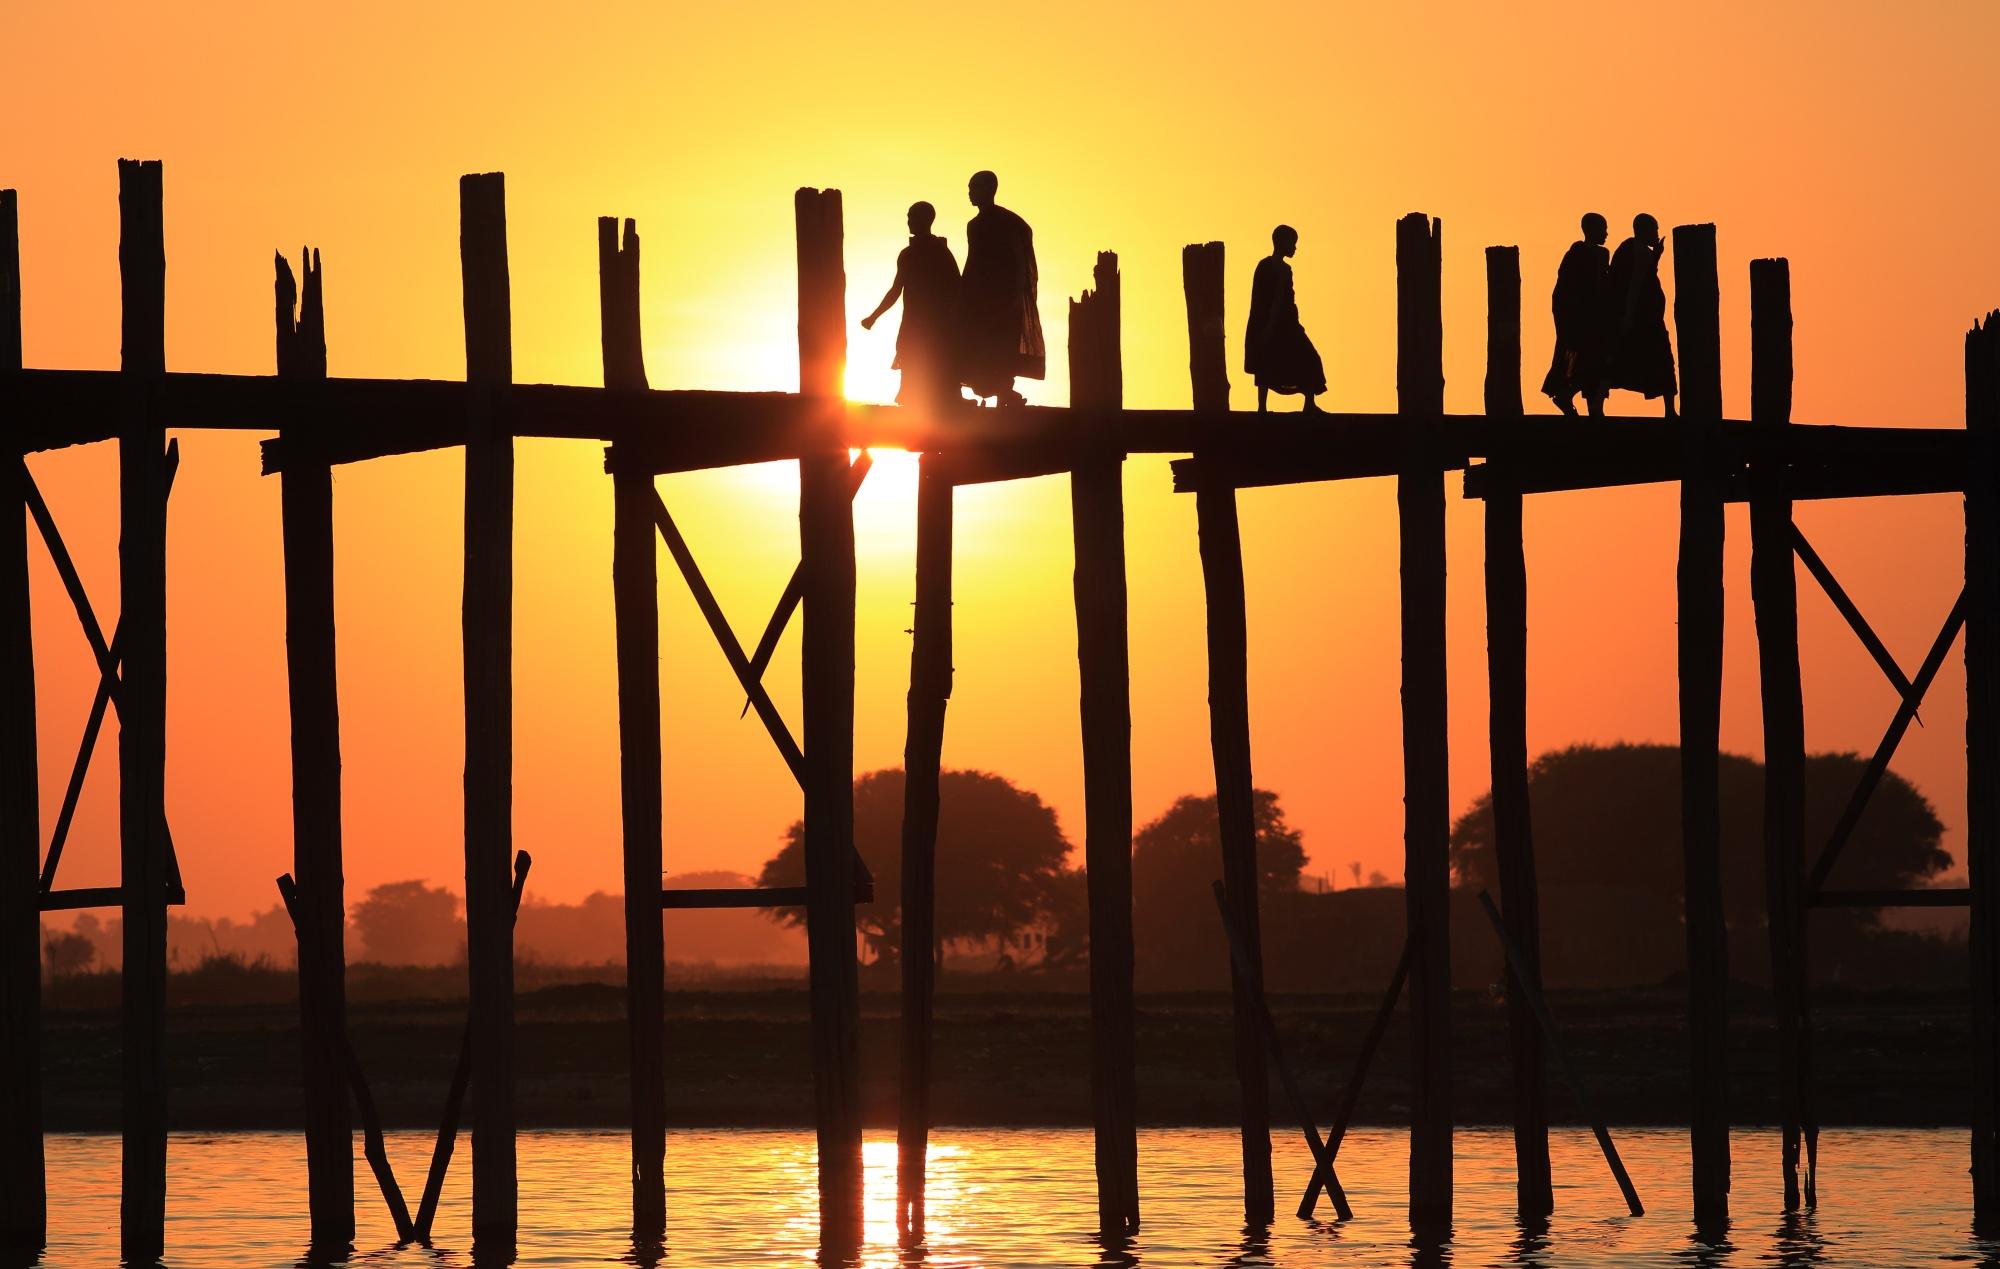 Favori Myanmar (Burma), girl in Mandalay - Dietmar Temps, photography QC96